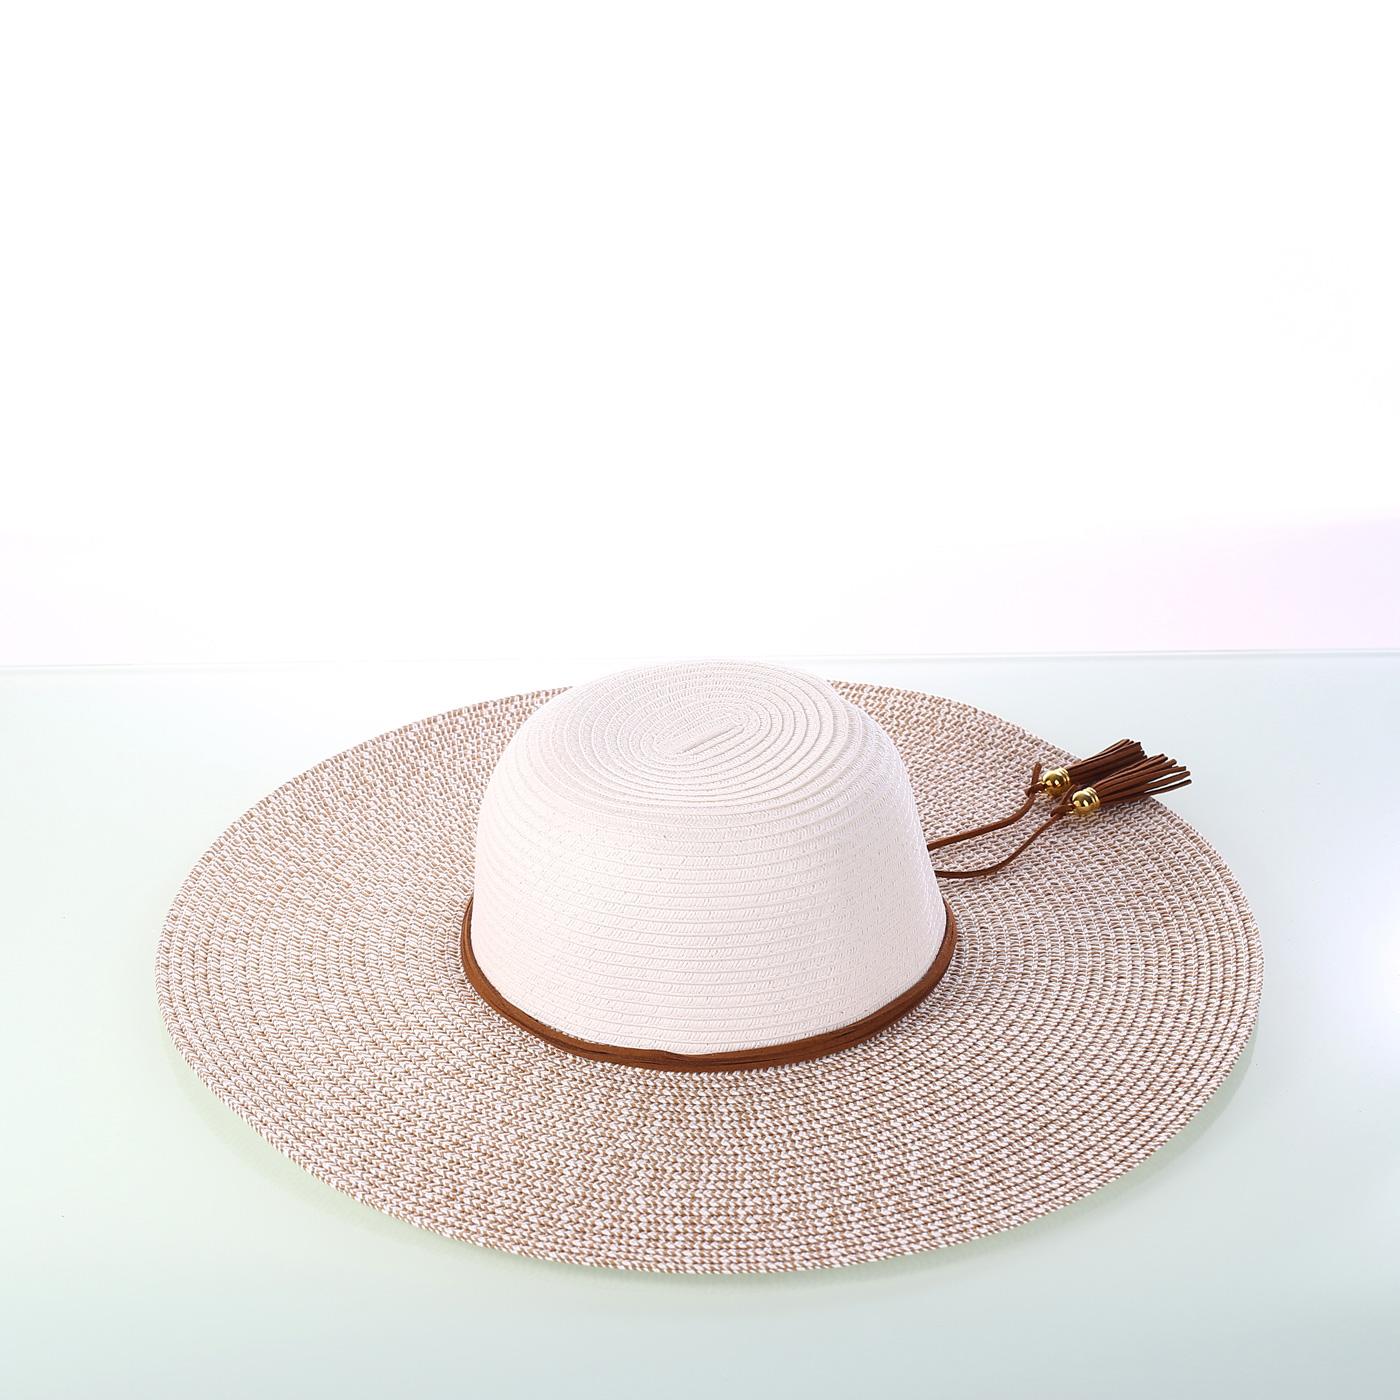 5acf8a24f New arrival Női kalap Kbas ...